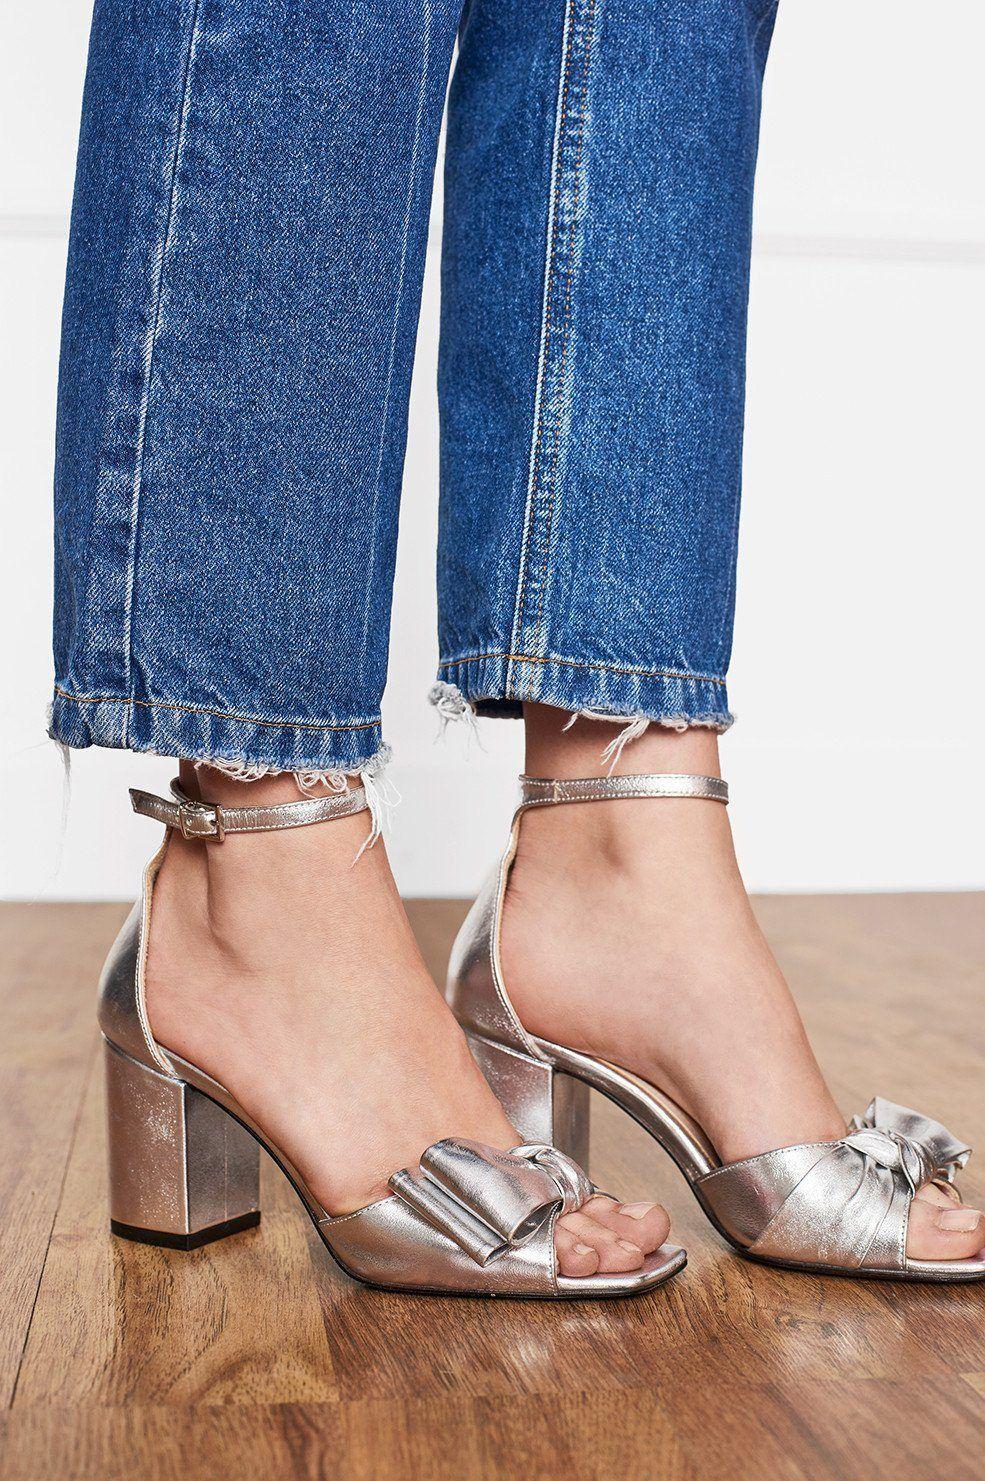 5f91b66fa7621 ANINE BING Silver Bow Sandals